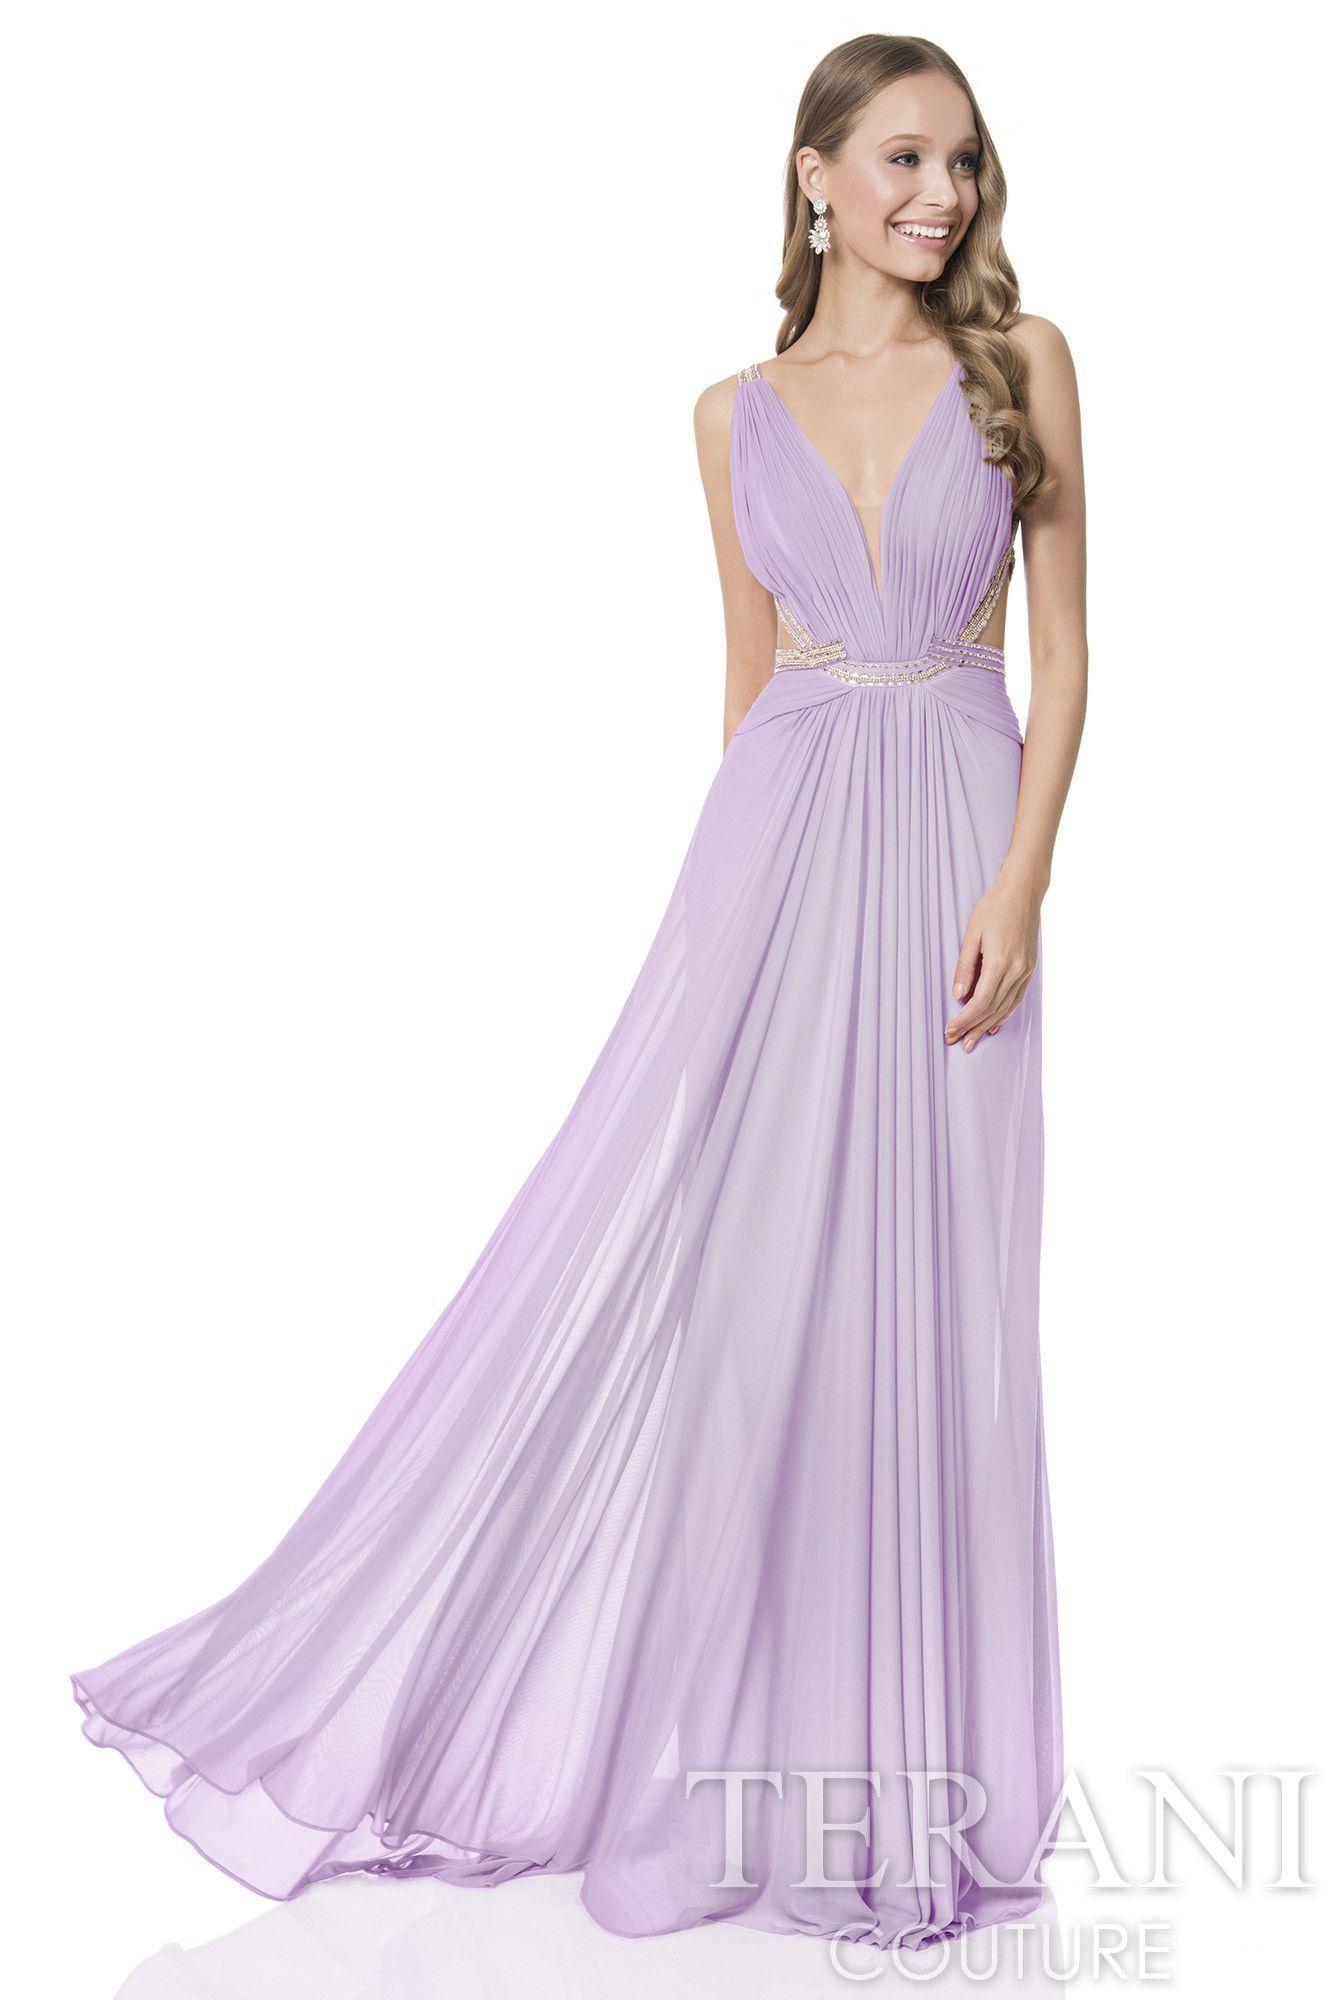 Wisteria Evening Dresses